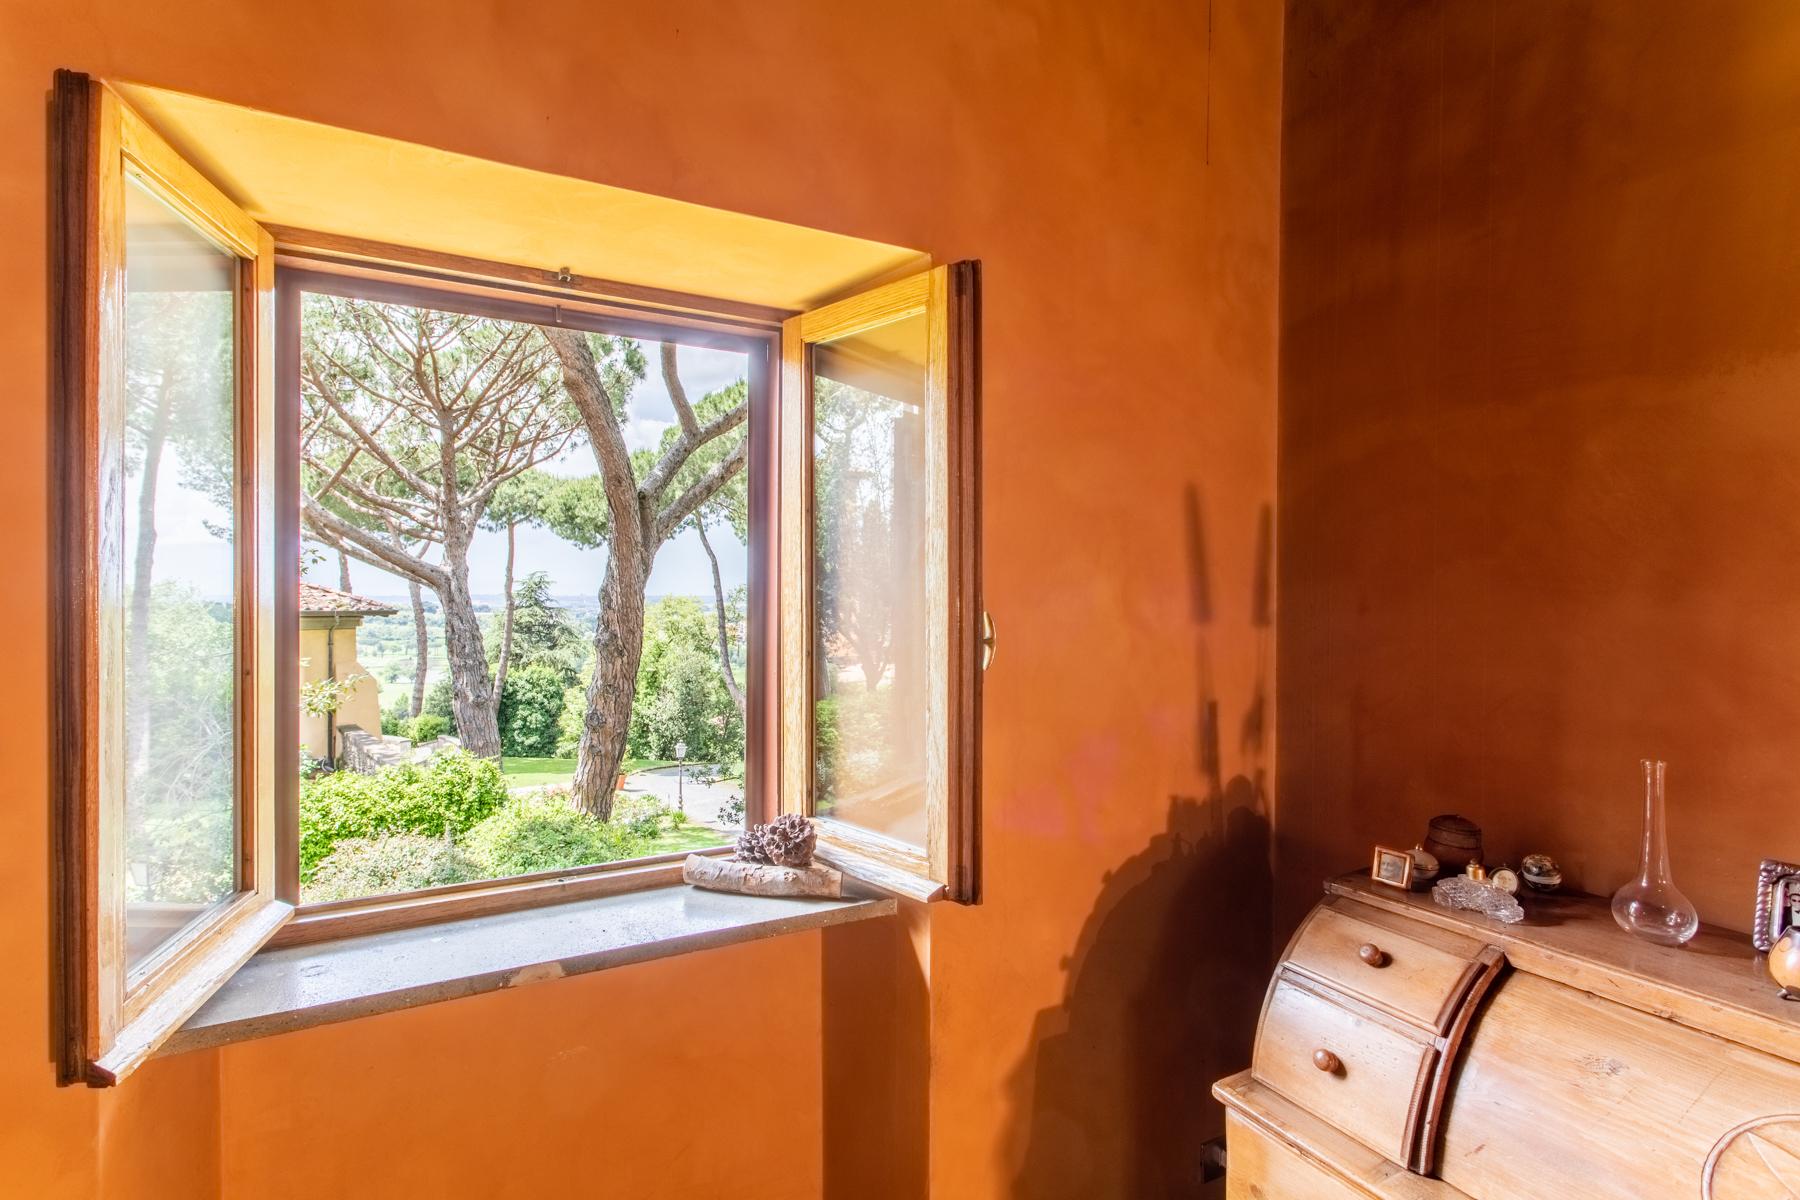 Villa in Vendita a Castel Gandolfo: 5 locali, 400 mq - Foto 20